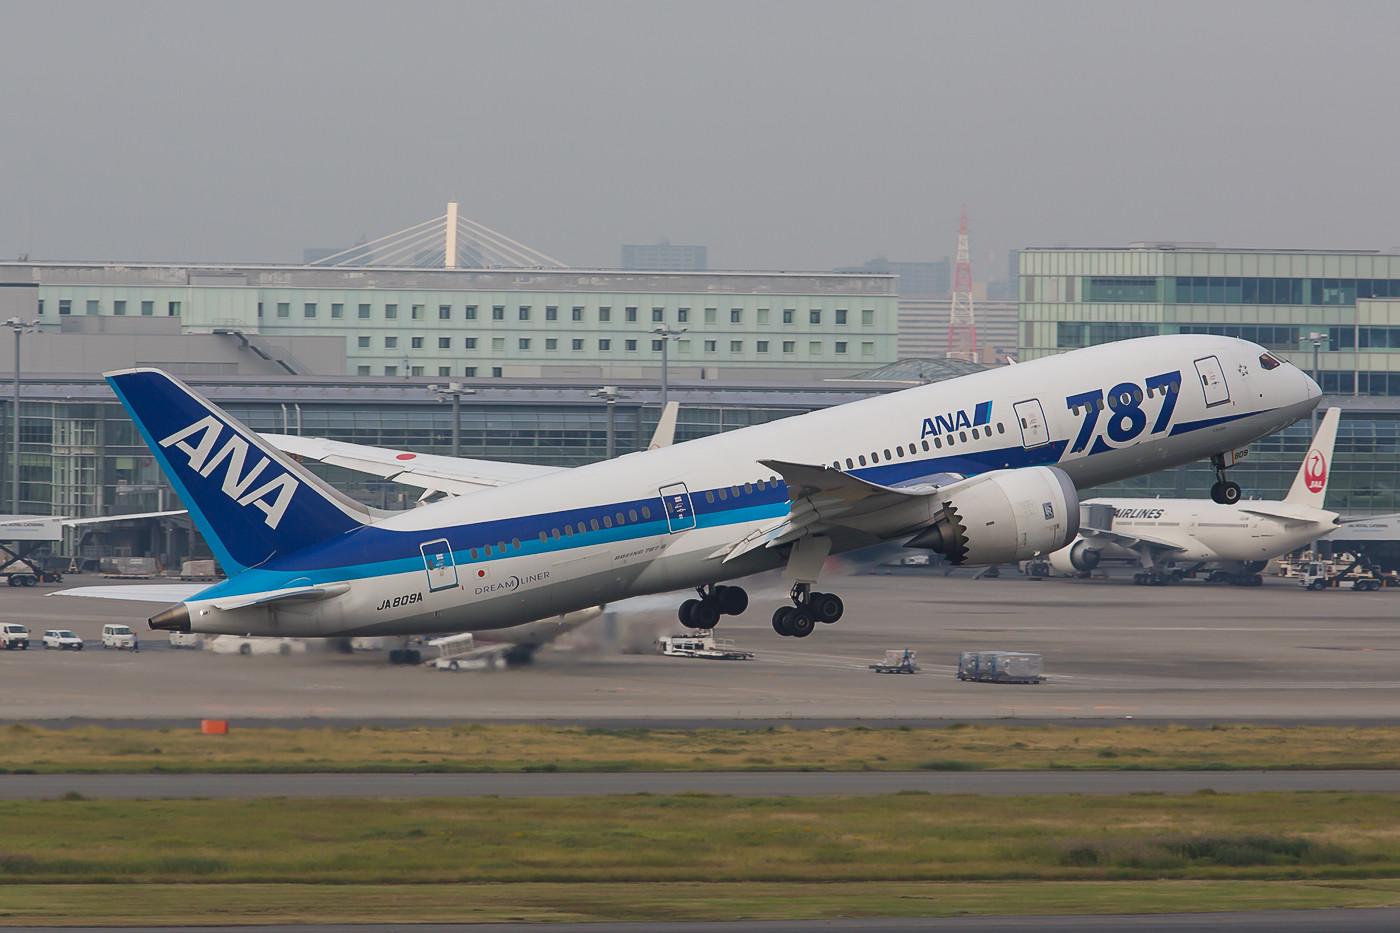 Ein weiterer 787-8 der ANA beim Start in Haneda.